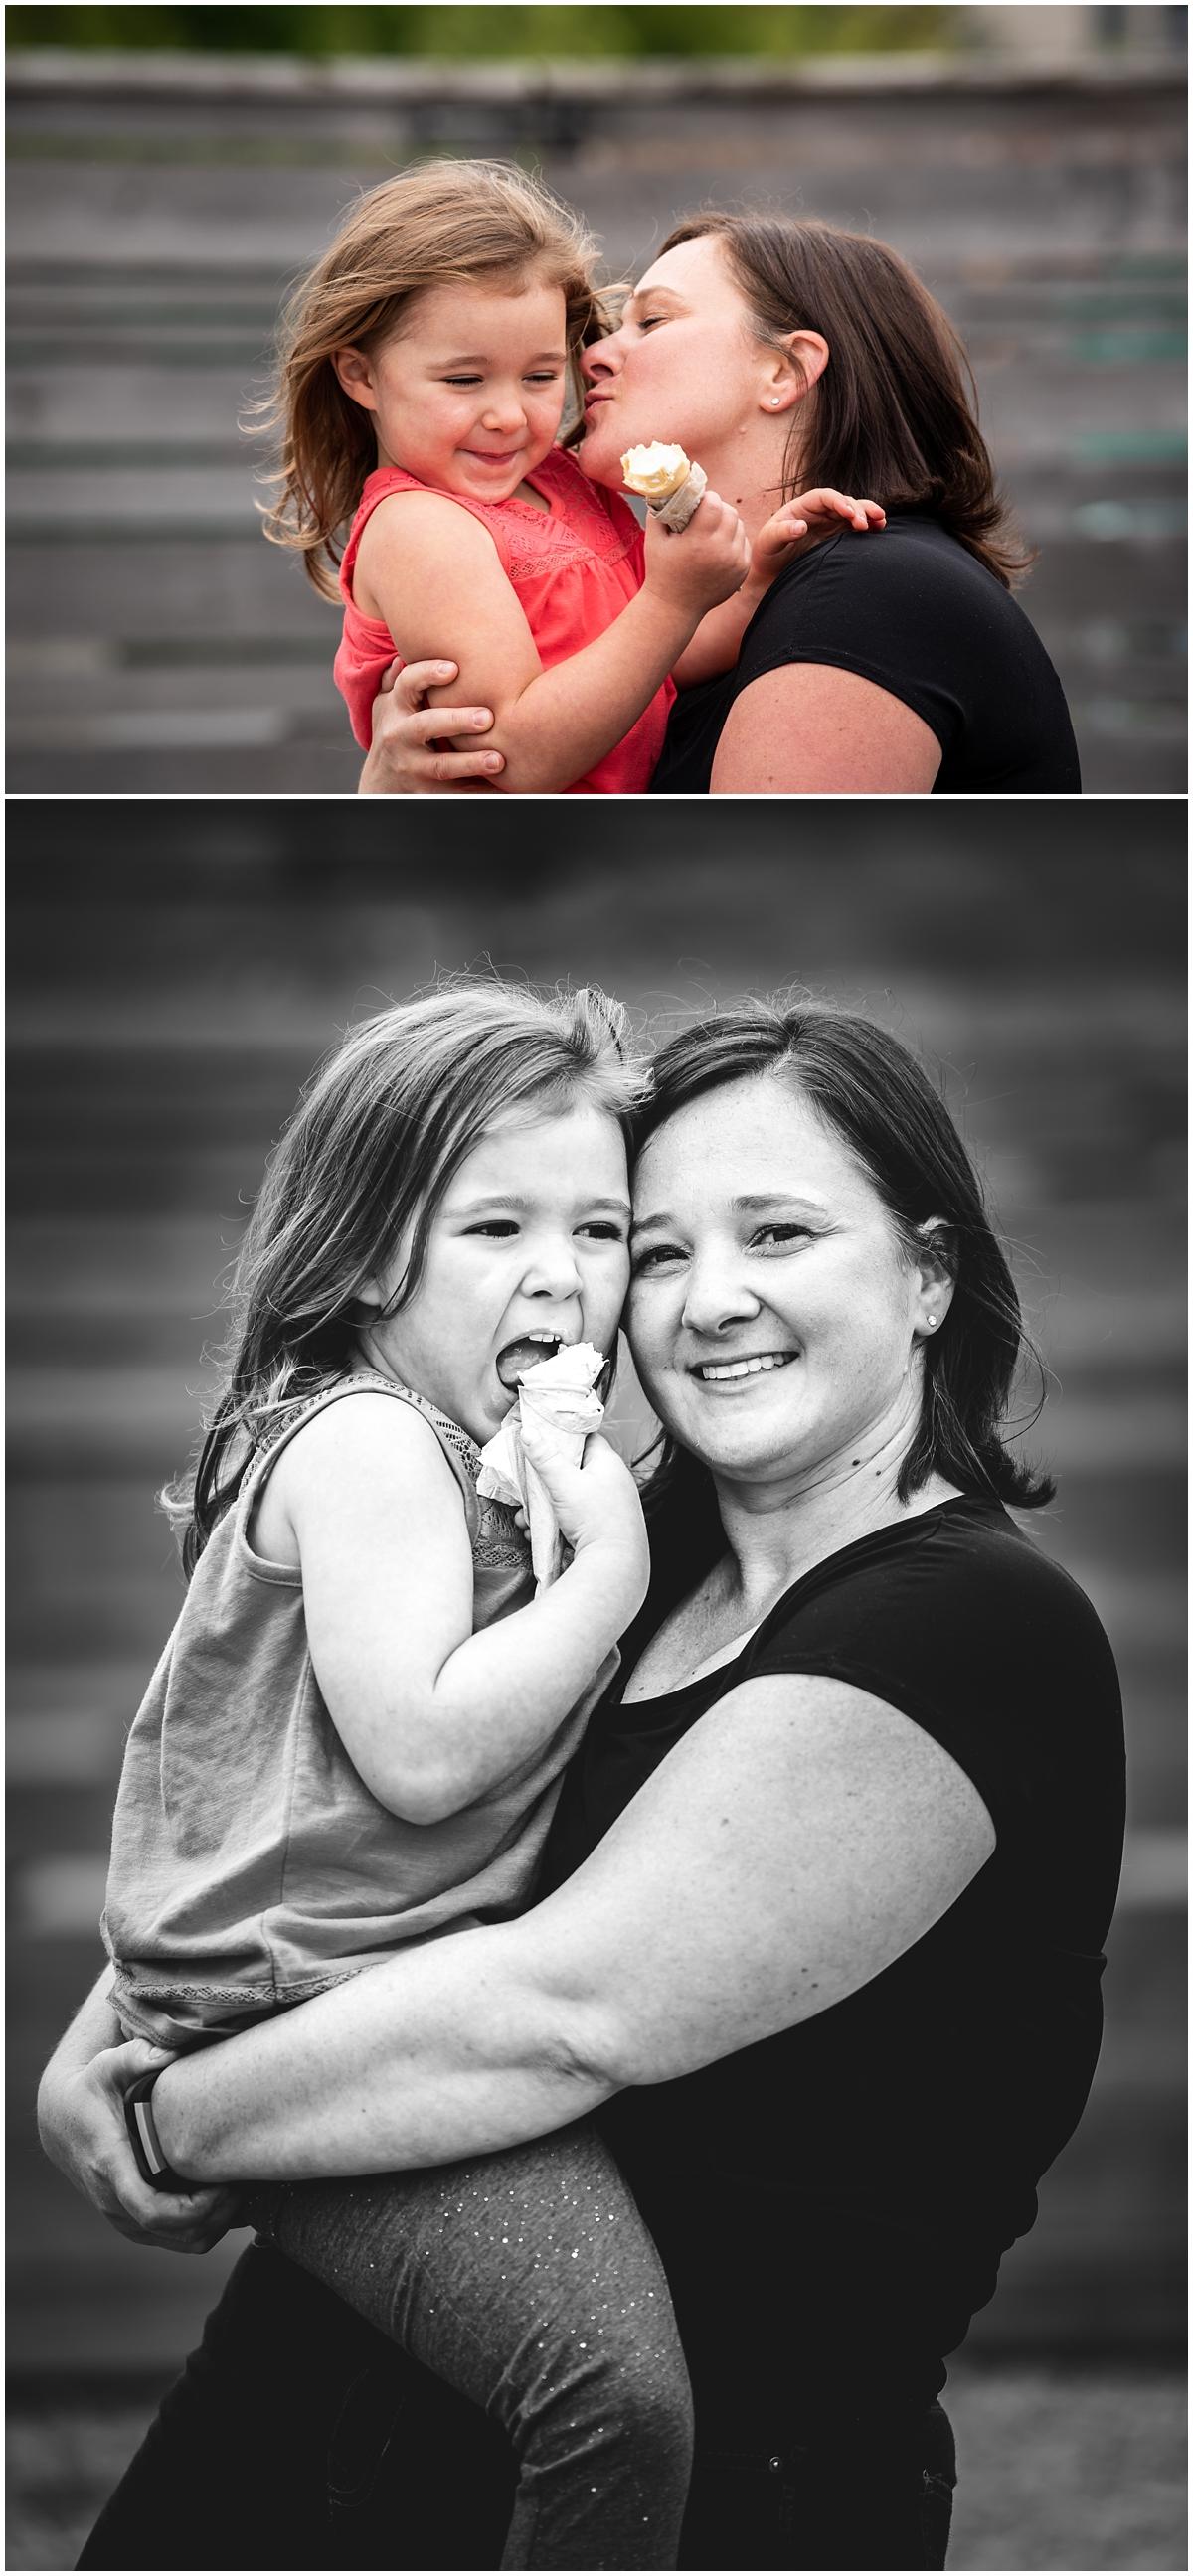 Squamish-whistler-vancouver-seatosky-howesound-photographer-family-photography-kids-children-lifestyle-documentary-icecream-ice-cream-alice-brohm-aliceandbrohm-boler-onethefarm-squamishtownhub